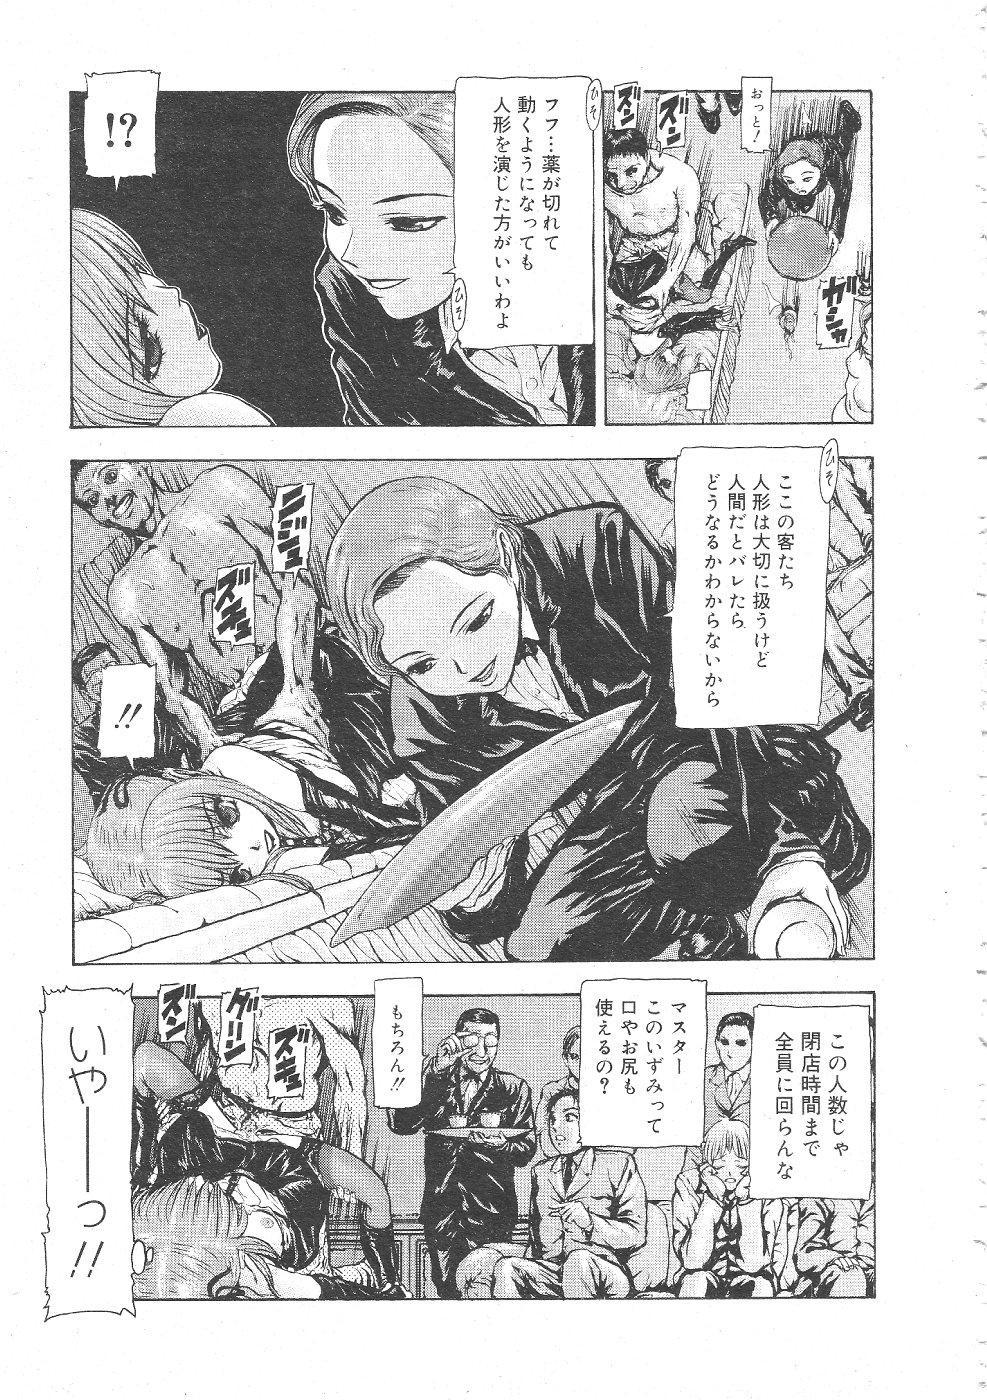 Gekkan Comic Muga 2004-06 Vol.10 162